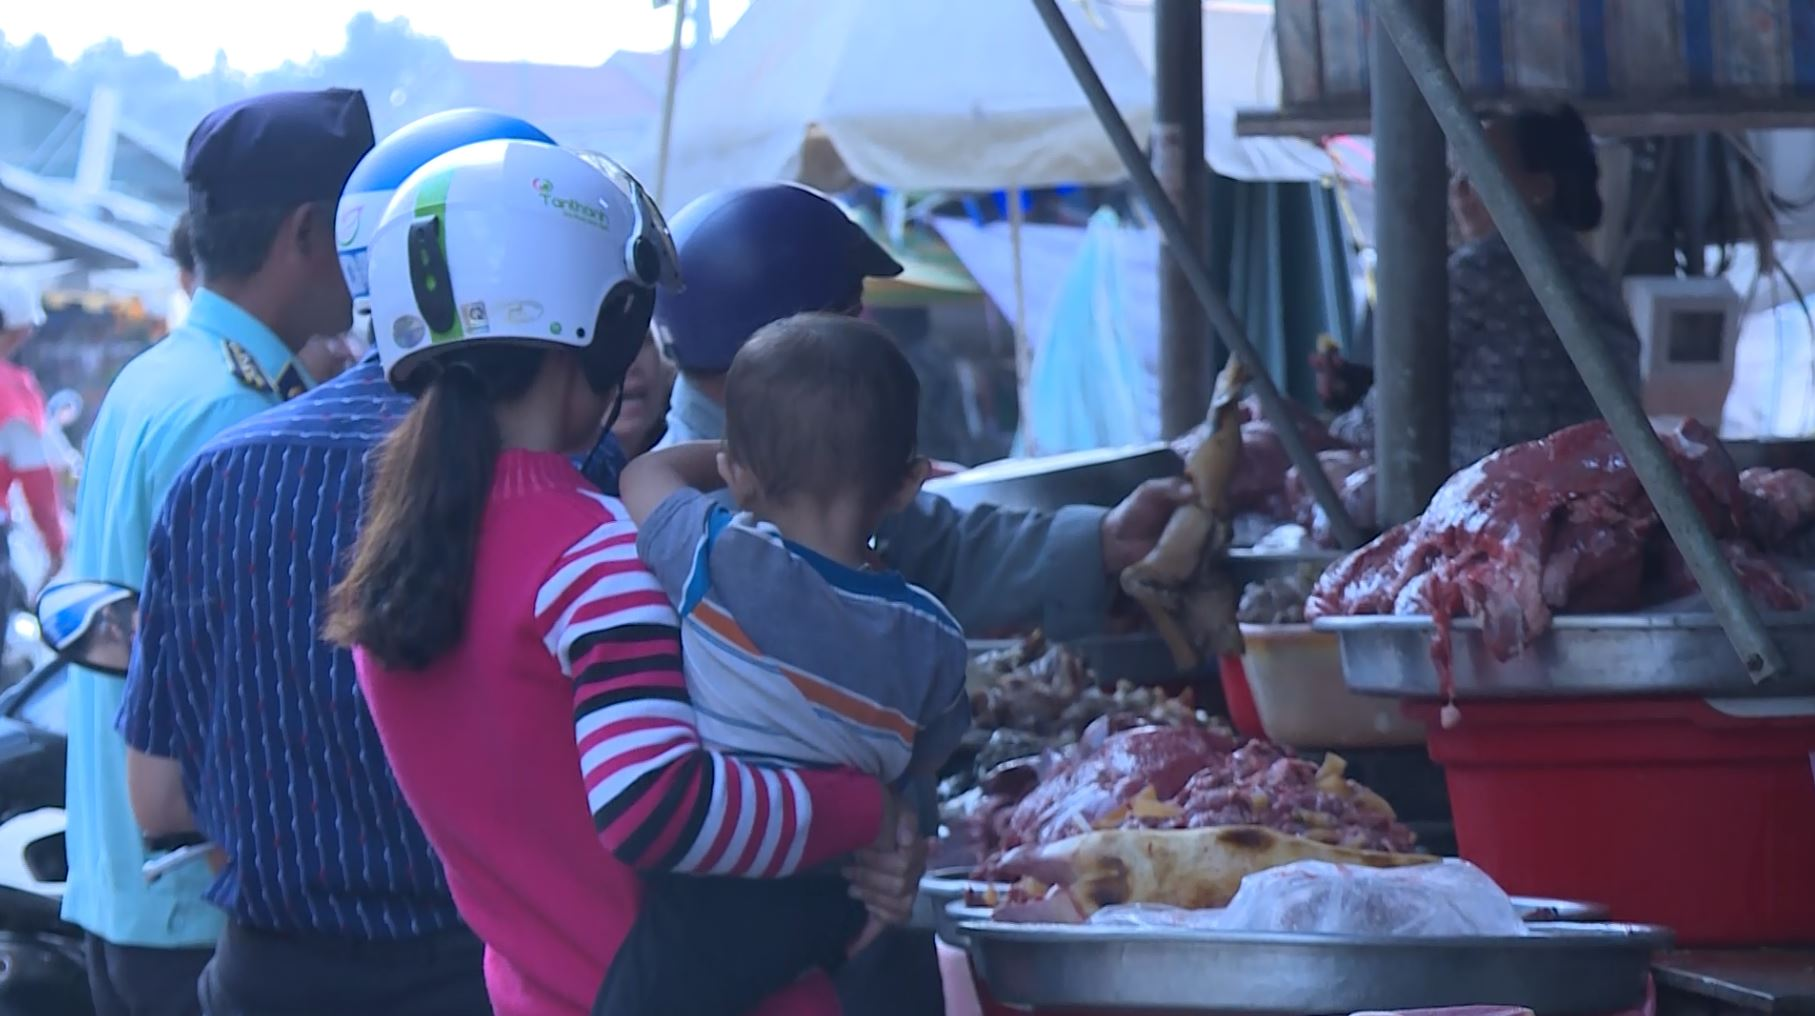 Vệ sinh an toàn thực phẩm ngày Tết - Những điều cần lưu ý